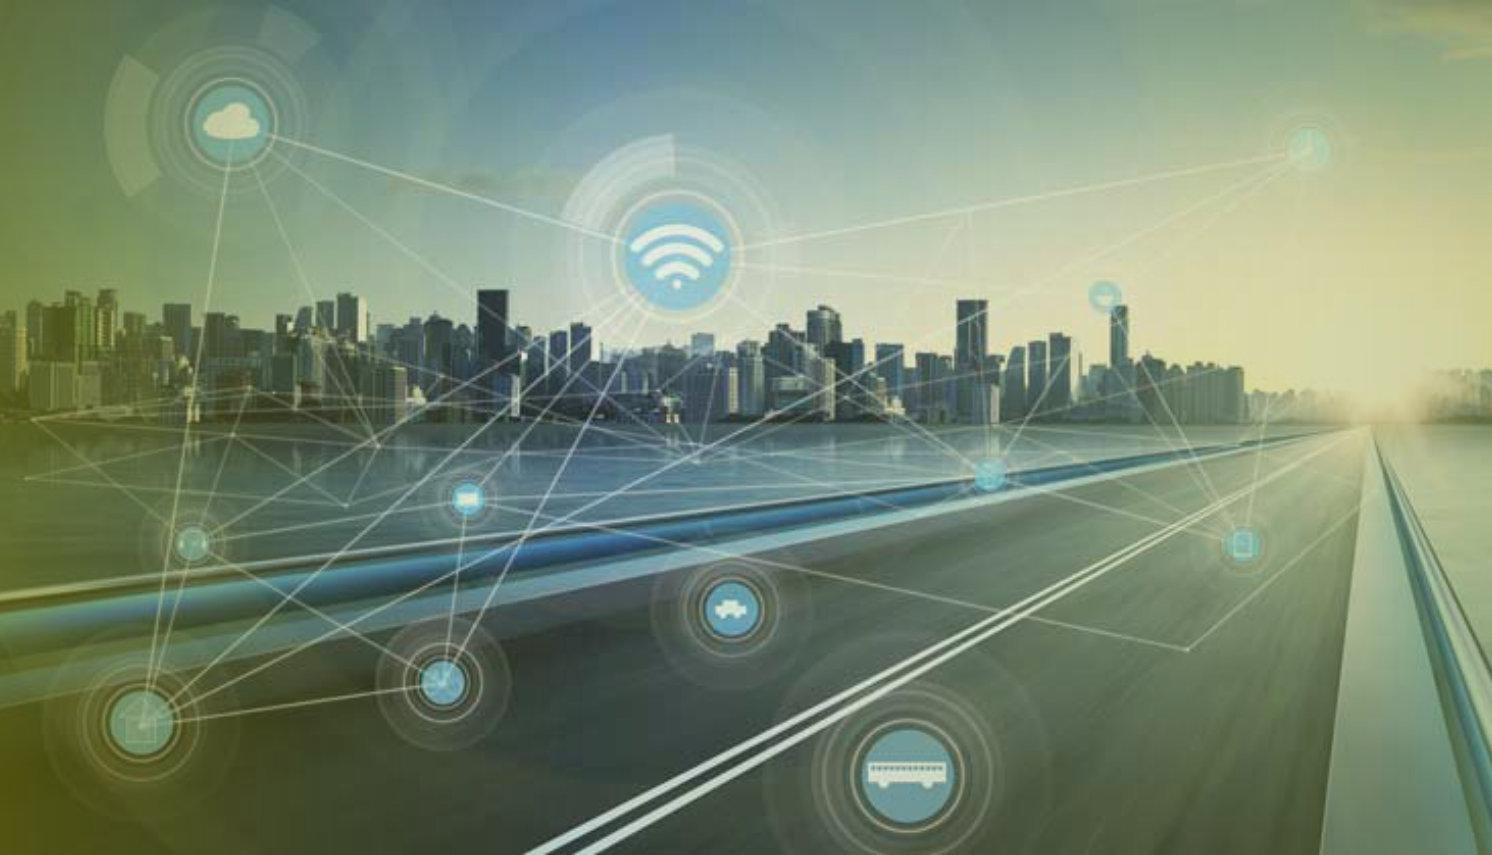 cuál es el futuro del internet de las cosas